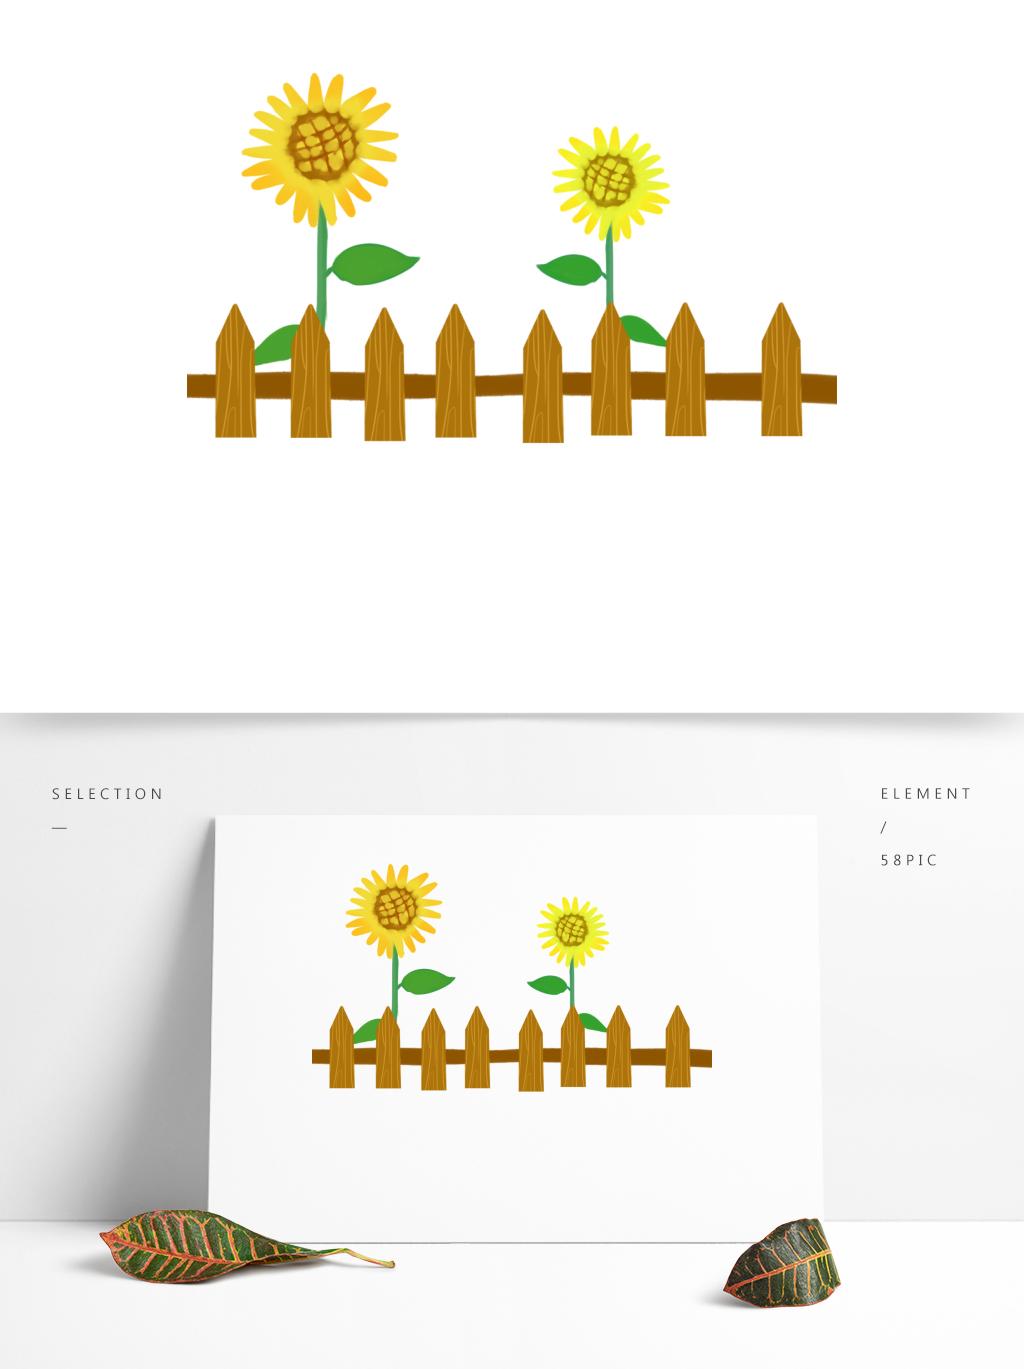 图片免费下载 卡通篱笆素材 卡通篱笆模板 千图网图片